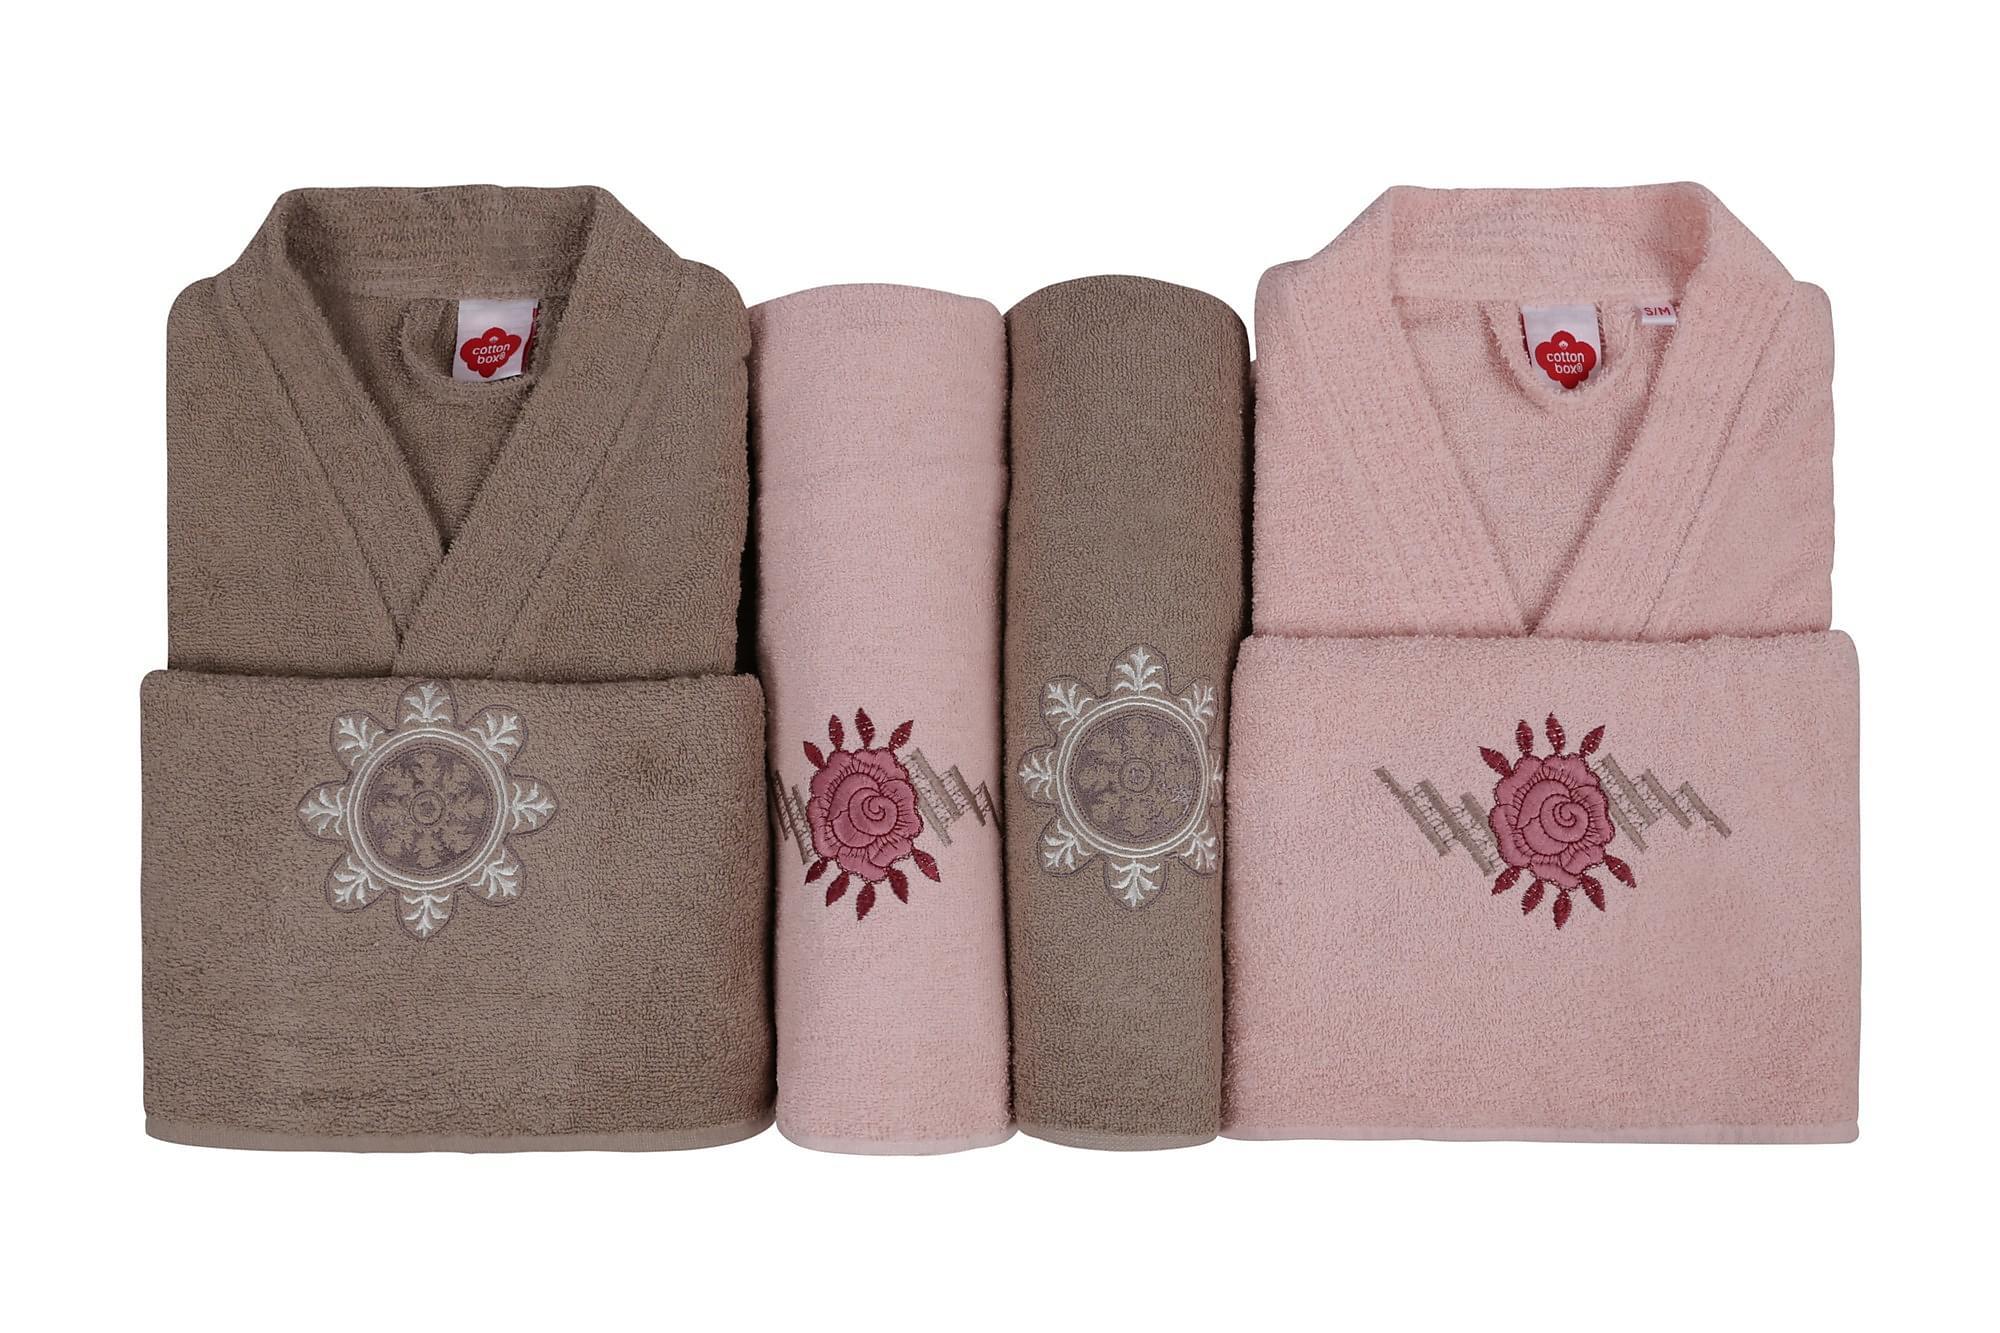 COTTON BOX Handduksset Familj Set om 4 Rosa/Beige